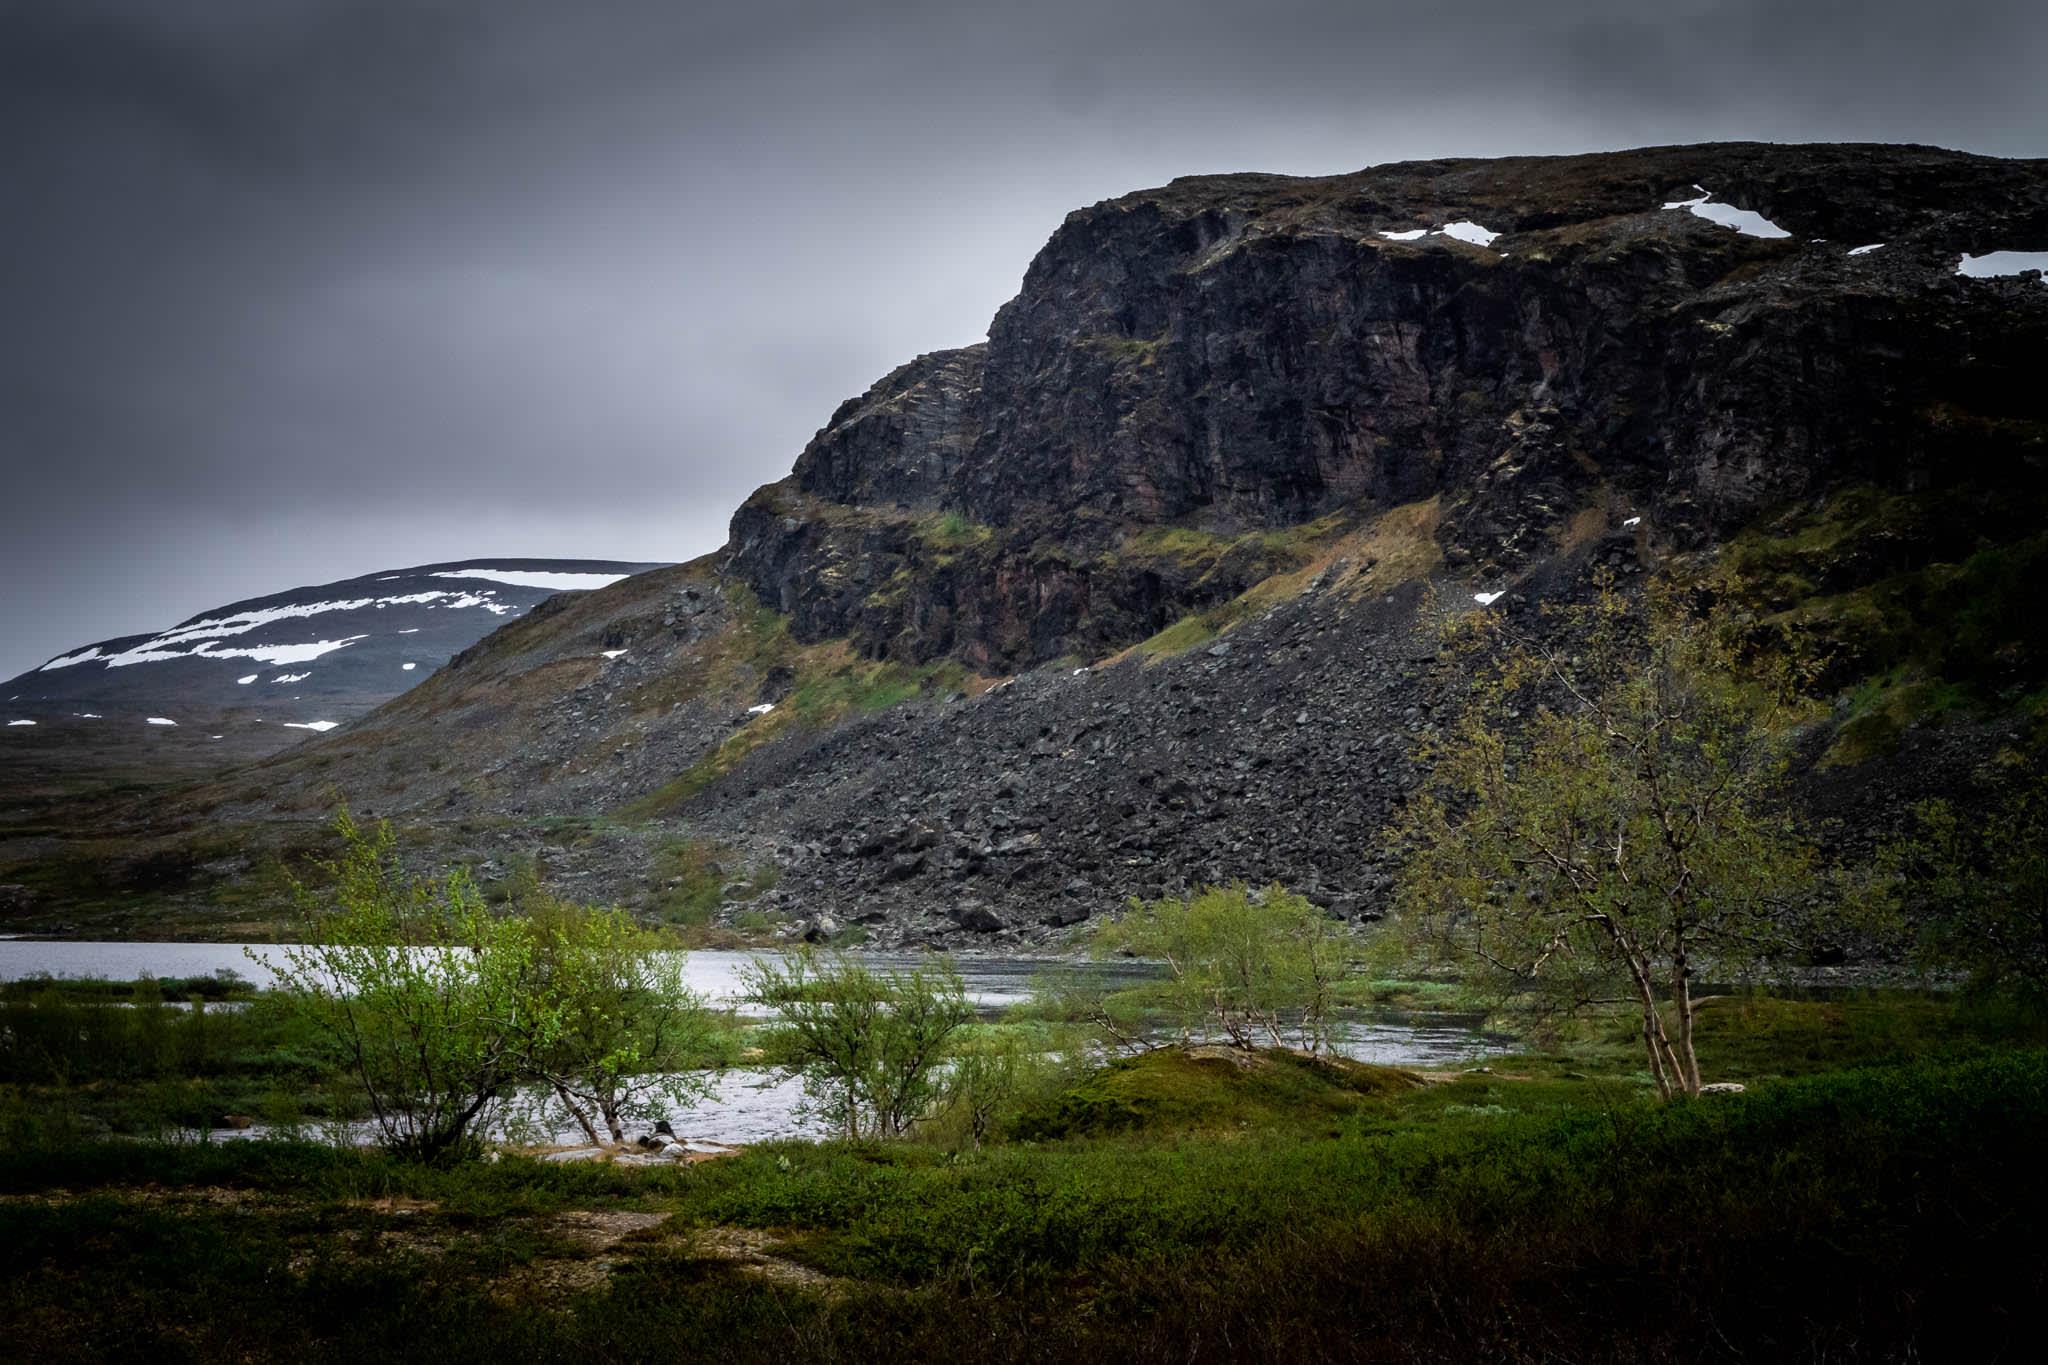 Nordischer Naturblick mit Berg und See